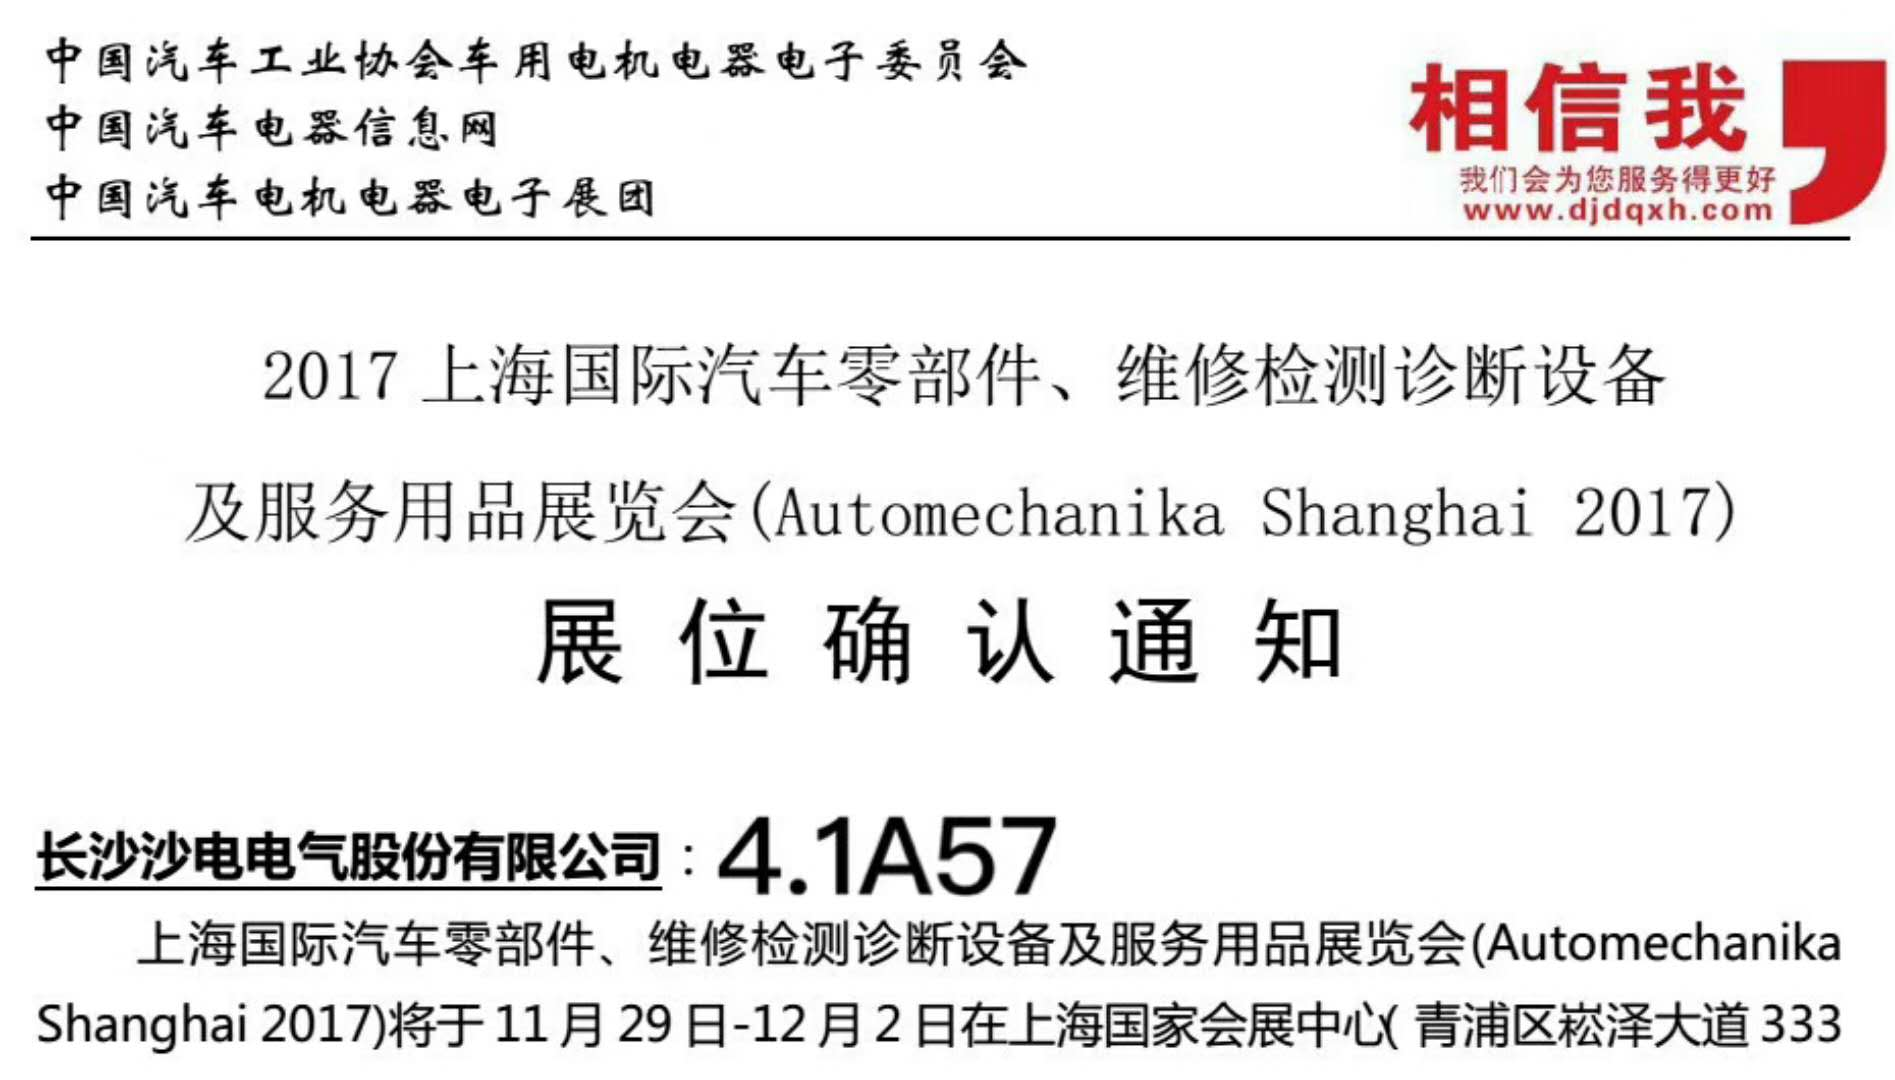 11月29日-12月2日参加2017上海法兰克福国际汽车零配件展览会